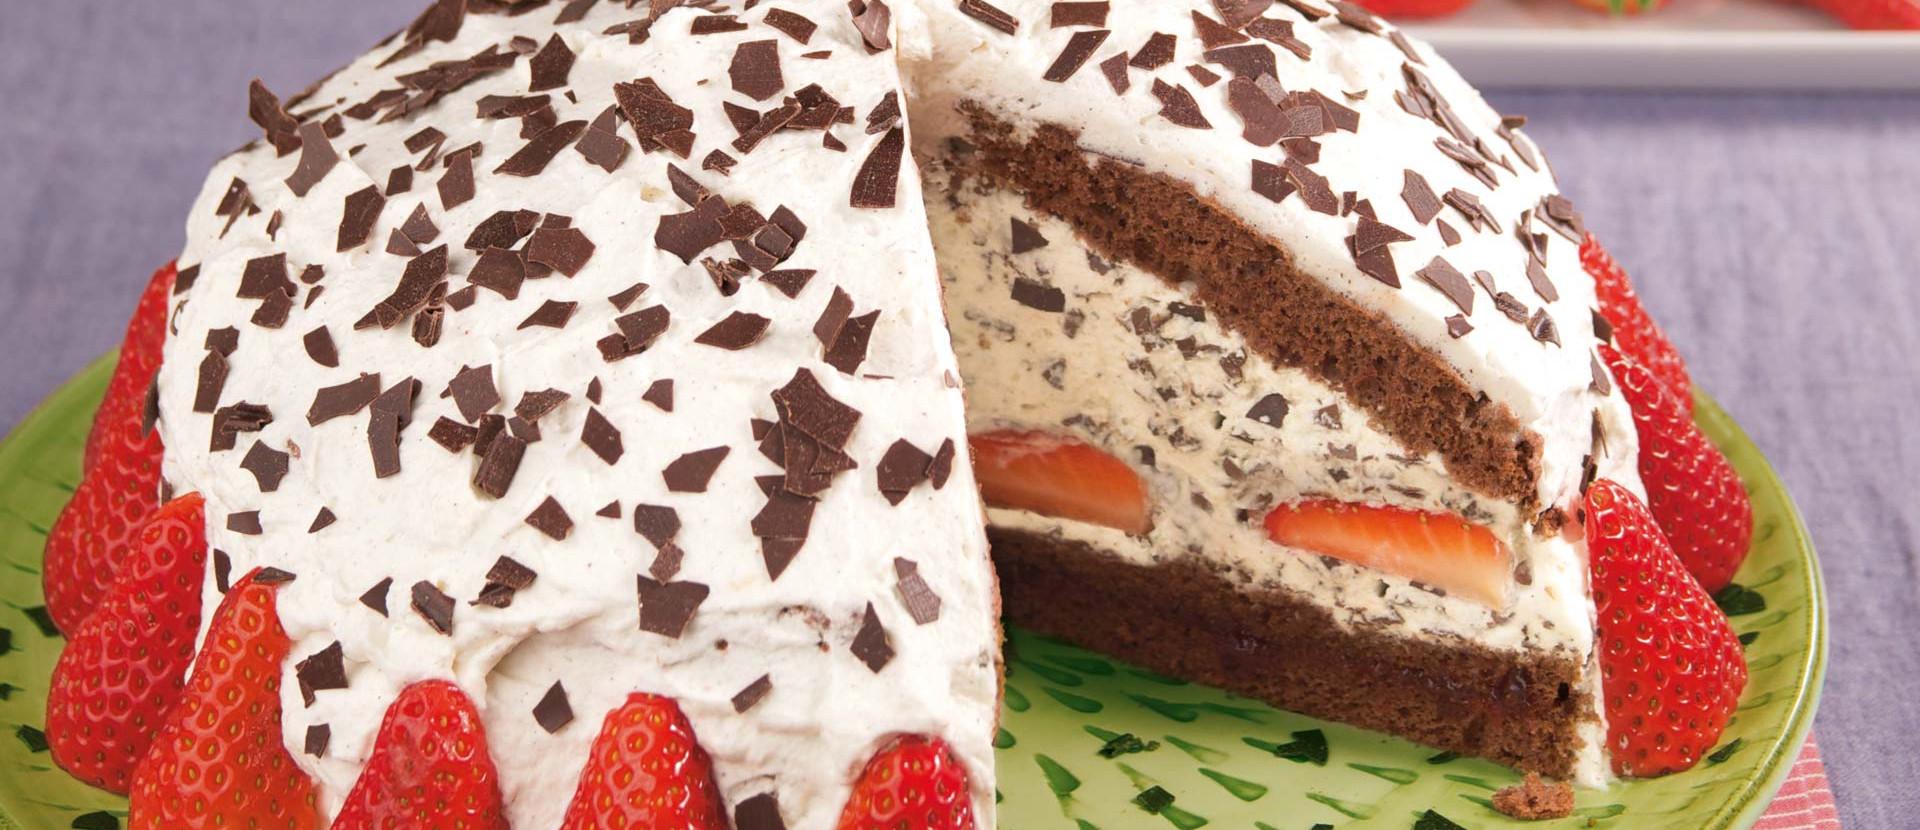 Erdbeer Stracciatella Torte